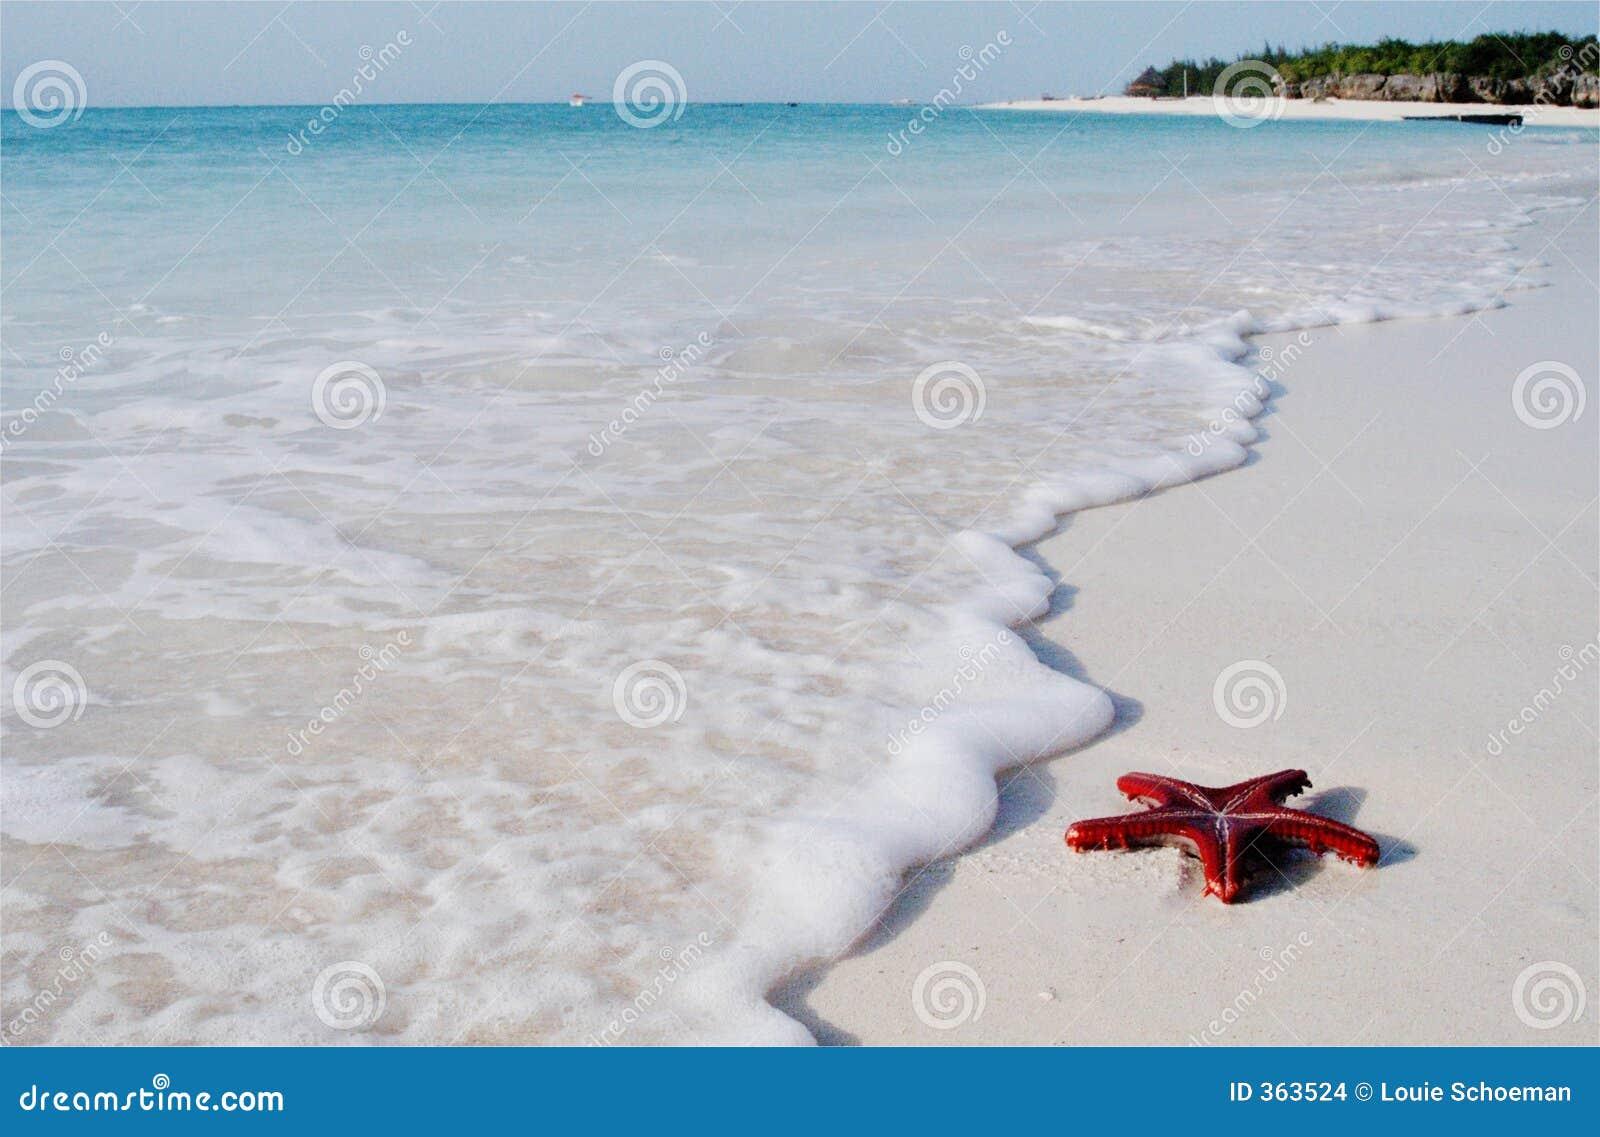 Red sea star on Zanzibar Island